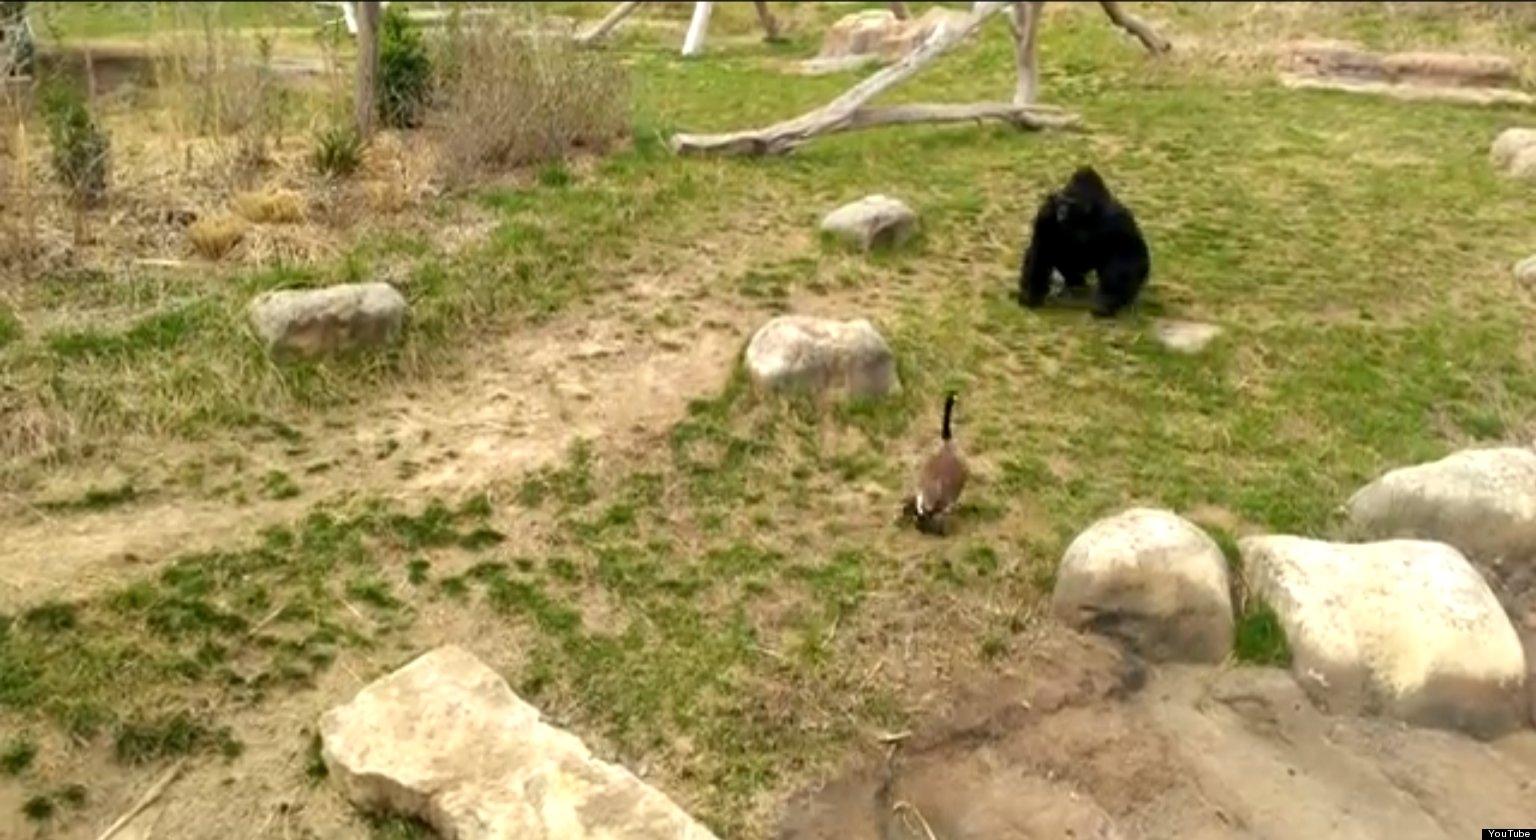 Hilarious Goose vs. Gorilla Video